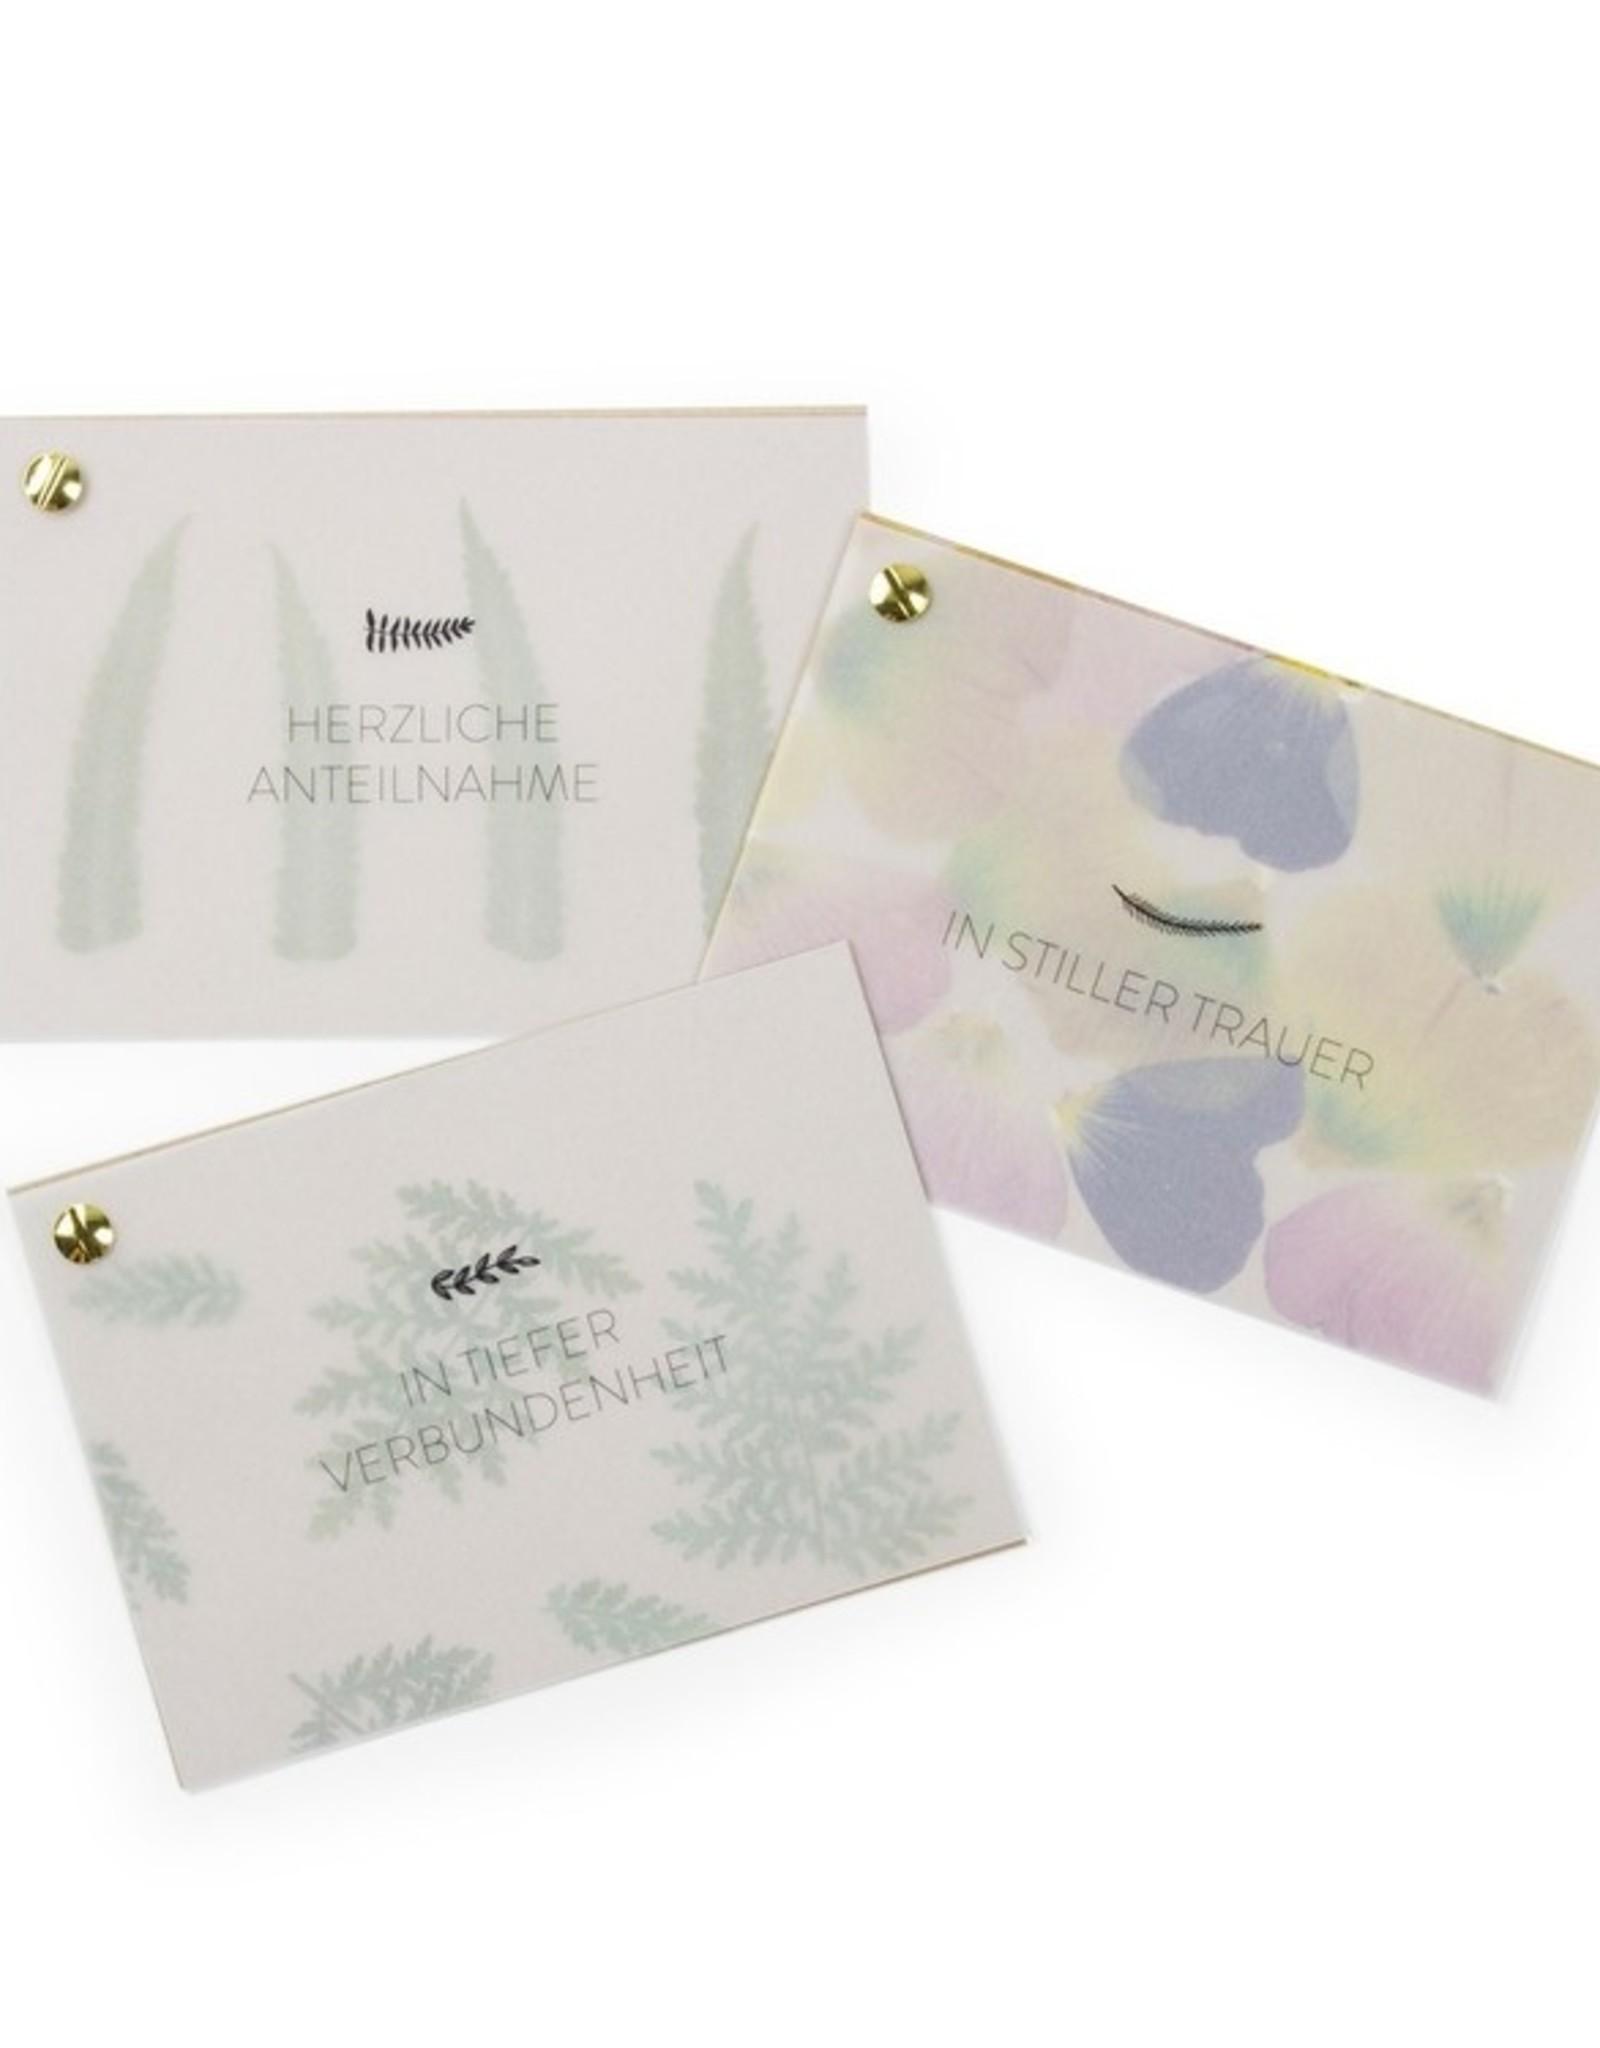 Fidea design Flower Press in stiller Trauer